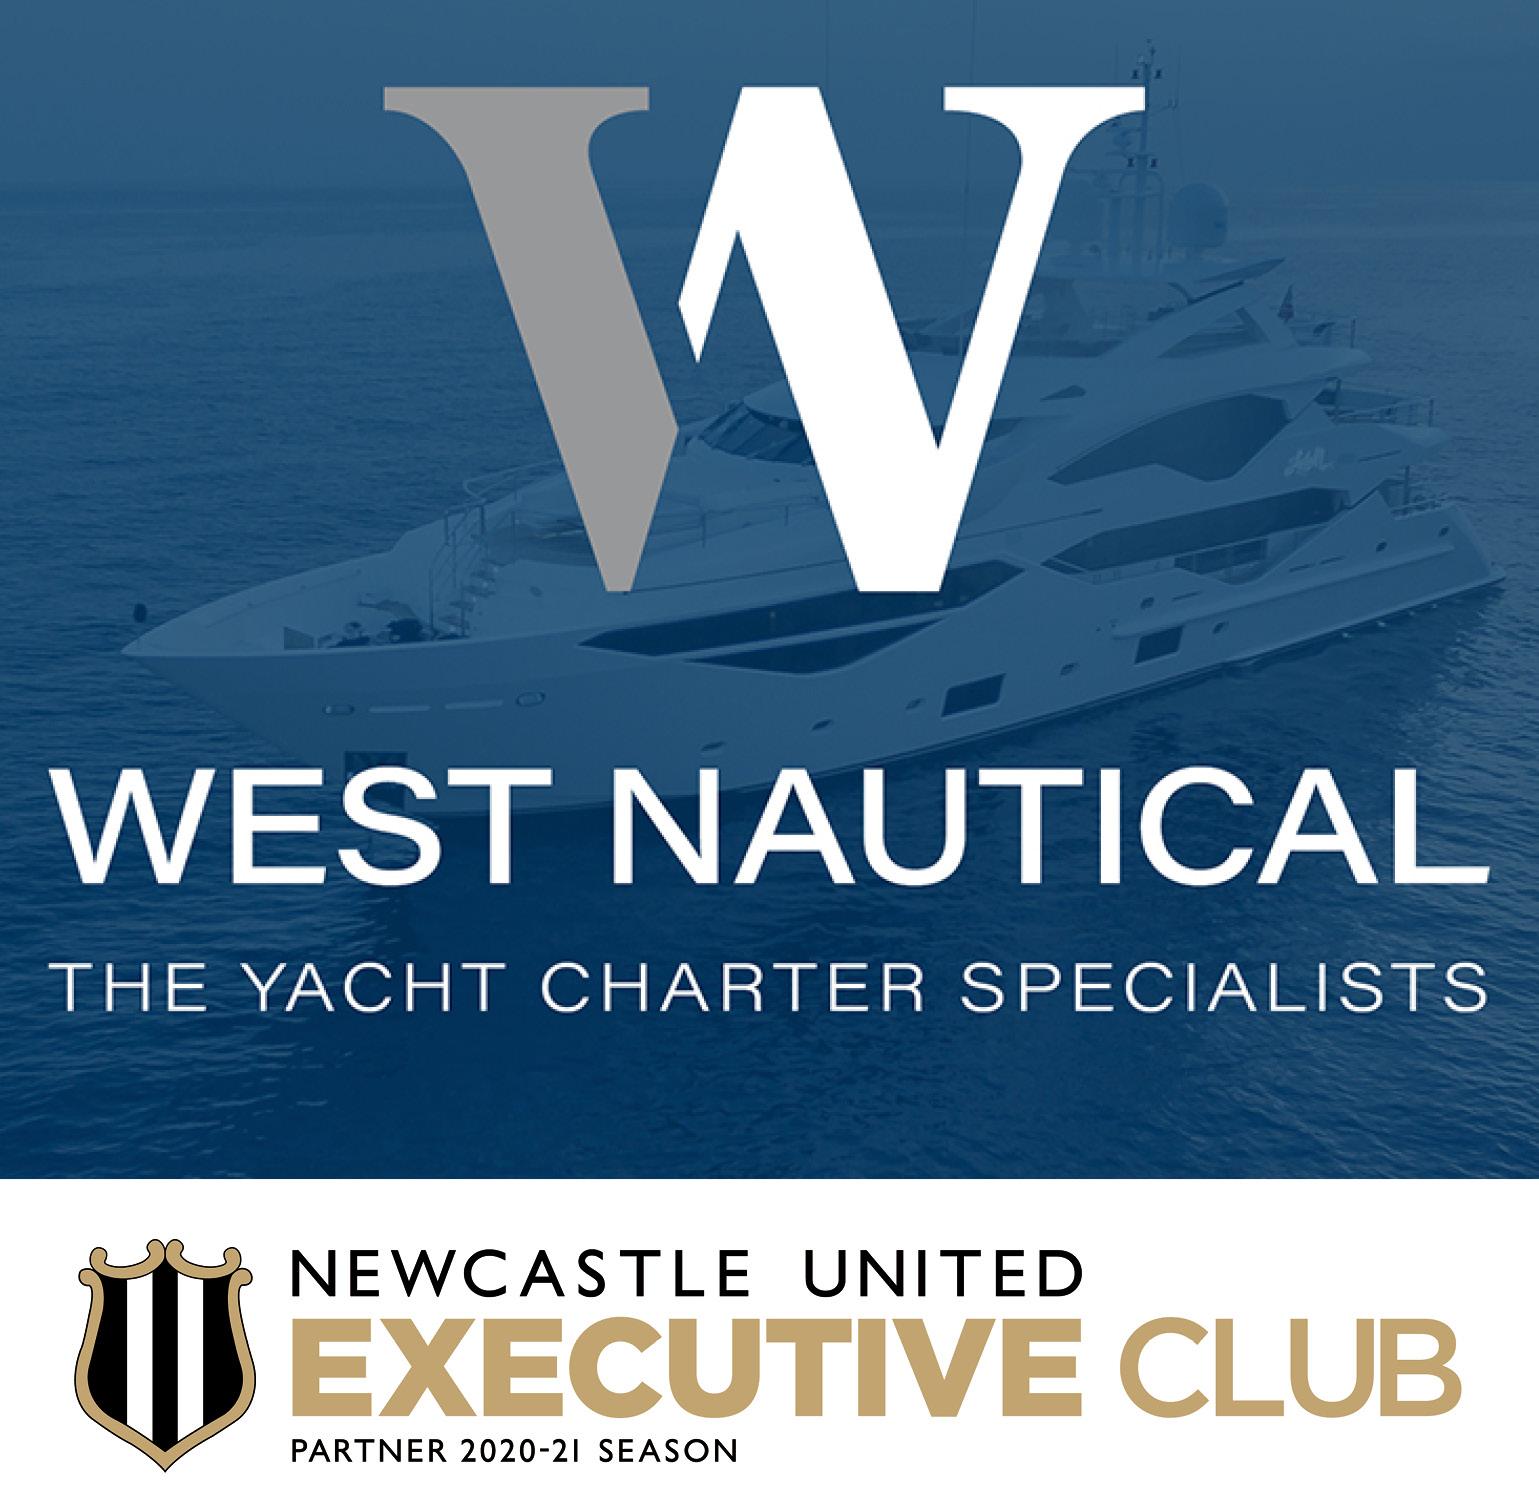 West Nautical Partner Newcastle United Executive Club